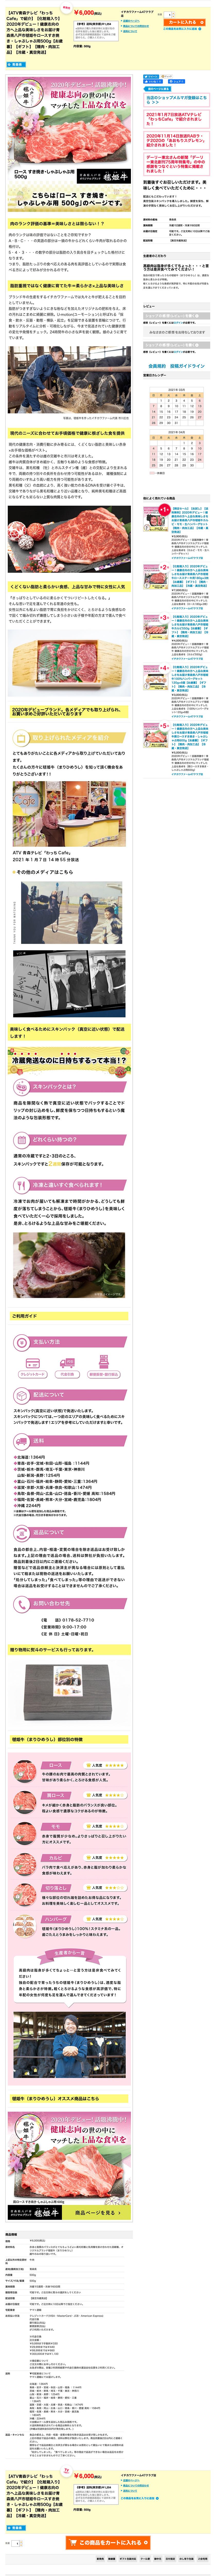 イチカワファーム47クラブ店様ロース商品ページ